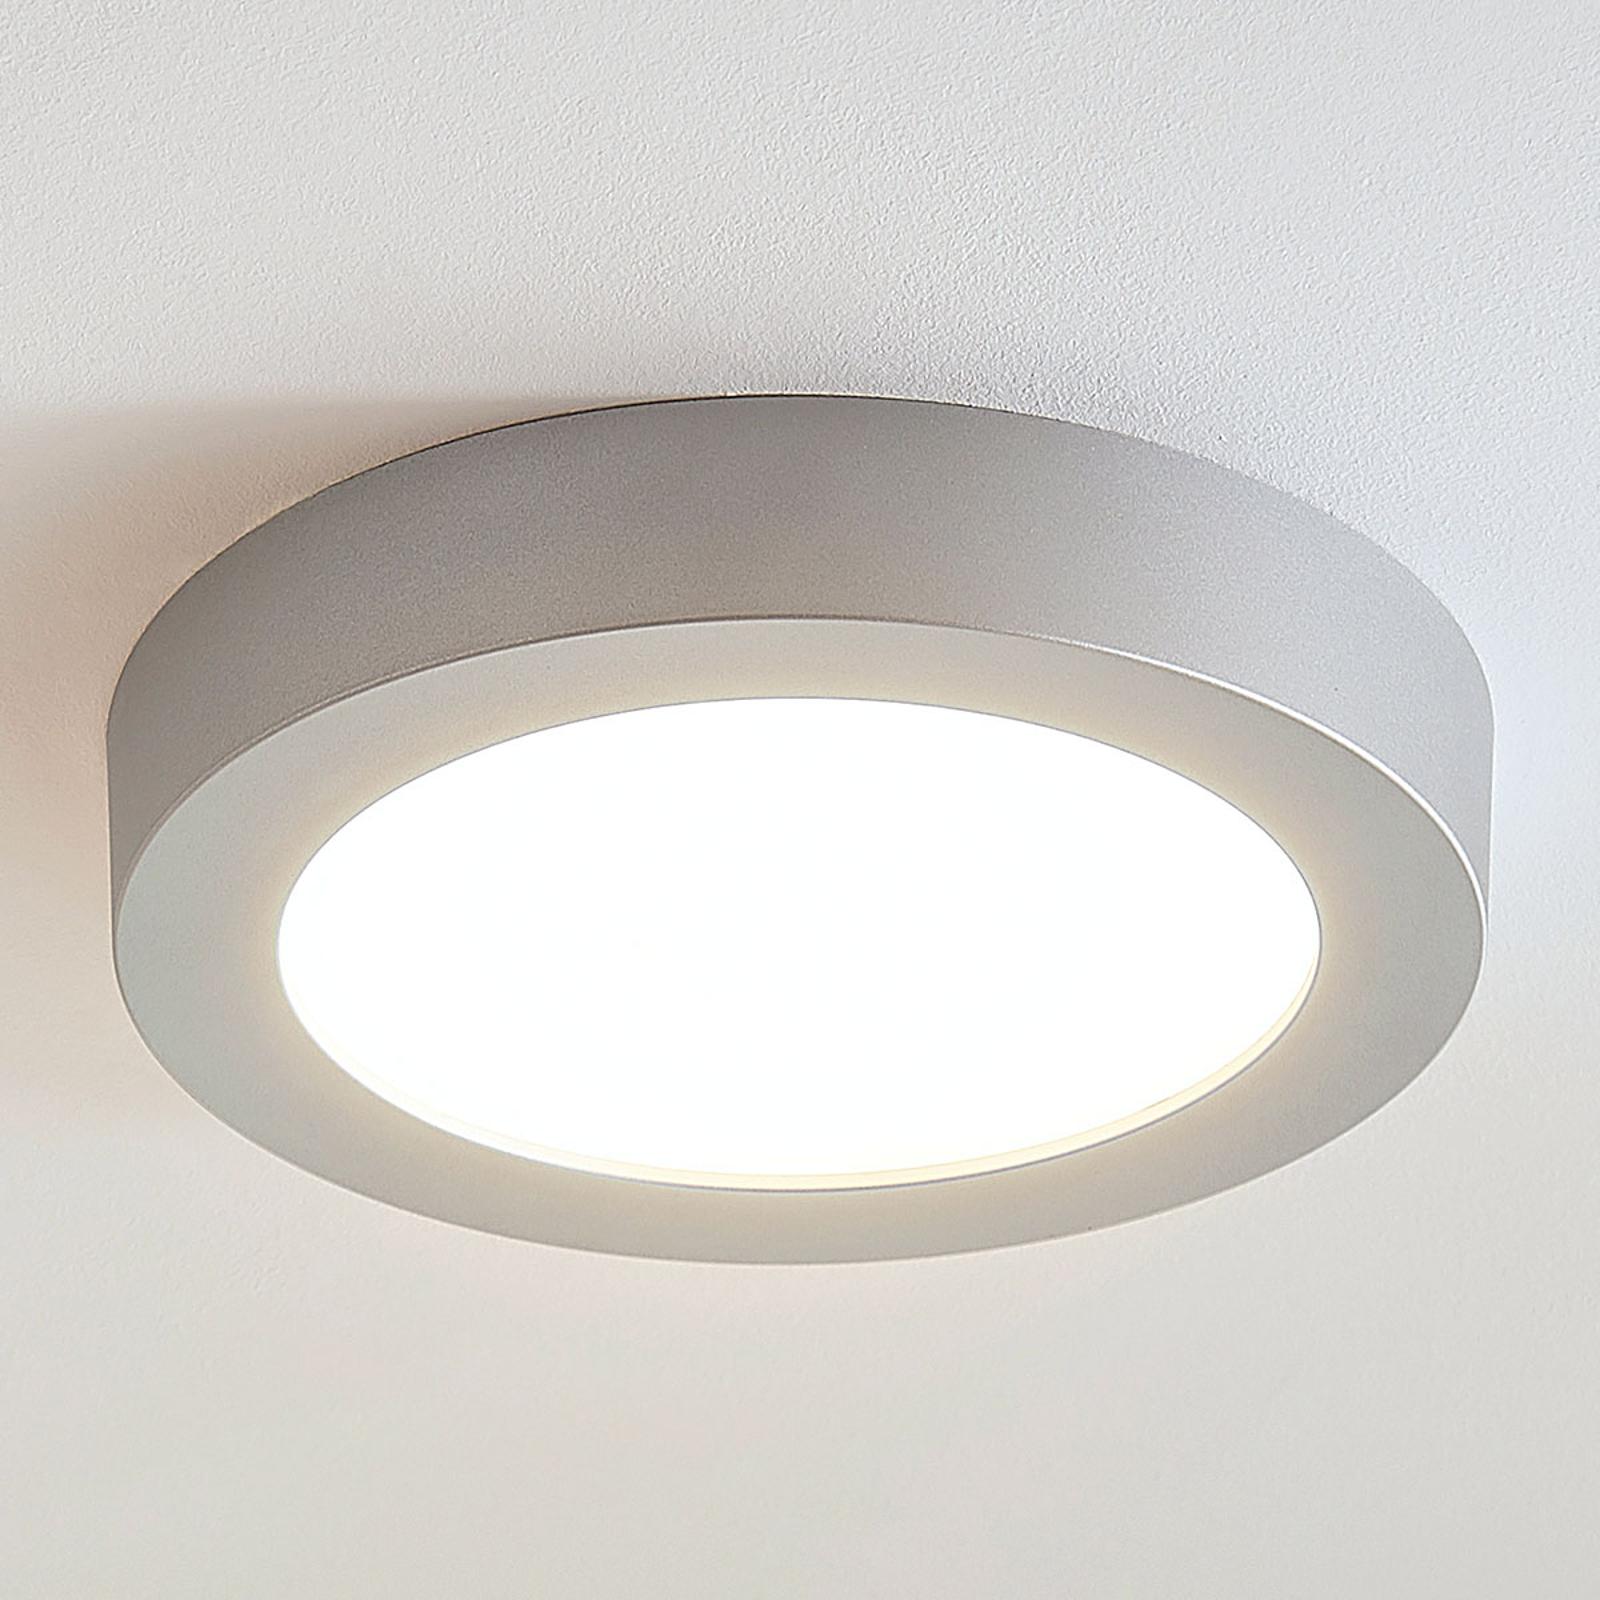 Lampa LED Marlo srebrna 3000K okrągła 25,2cm